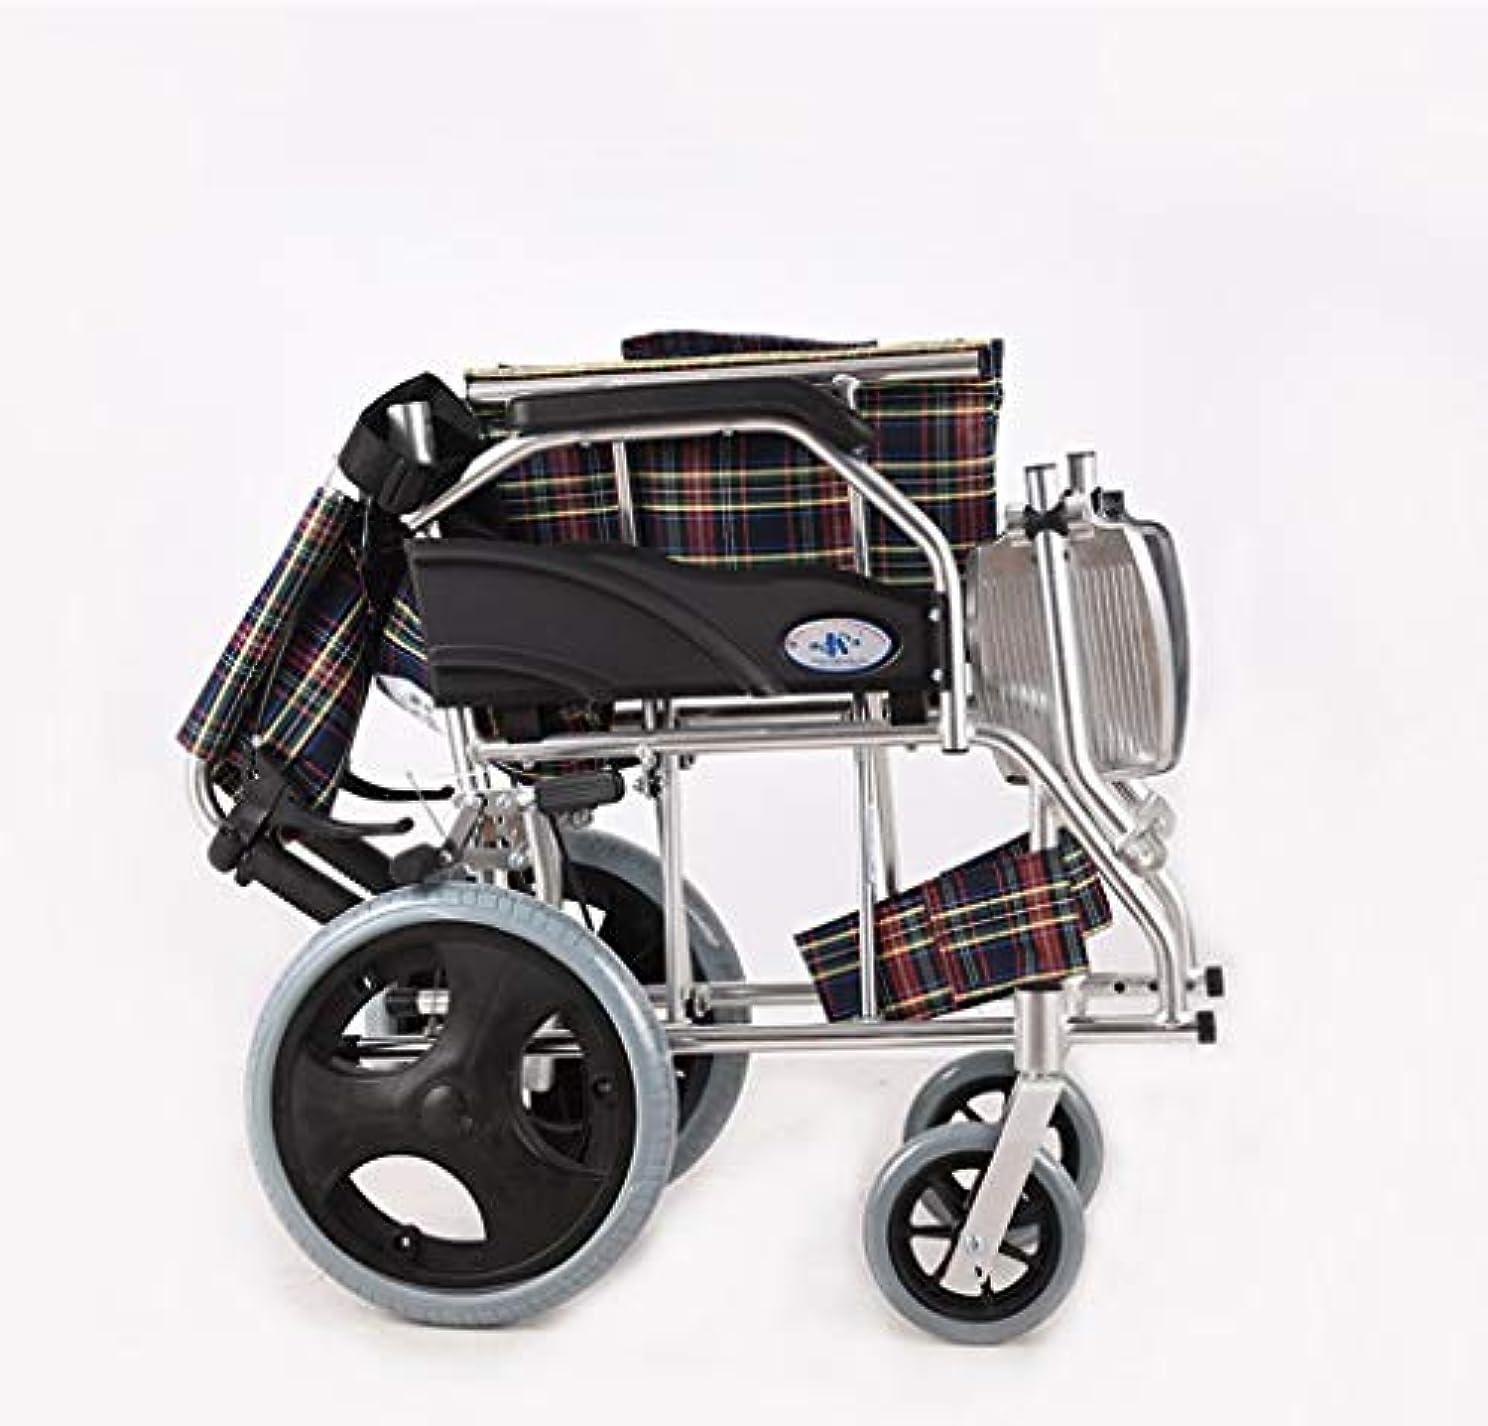 着飾るサイズ過ち車椅子折りたたみ式、障害者用スクーター、高齢者屋外旅行車椅子トロリー